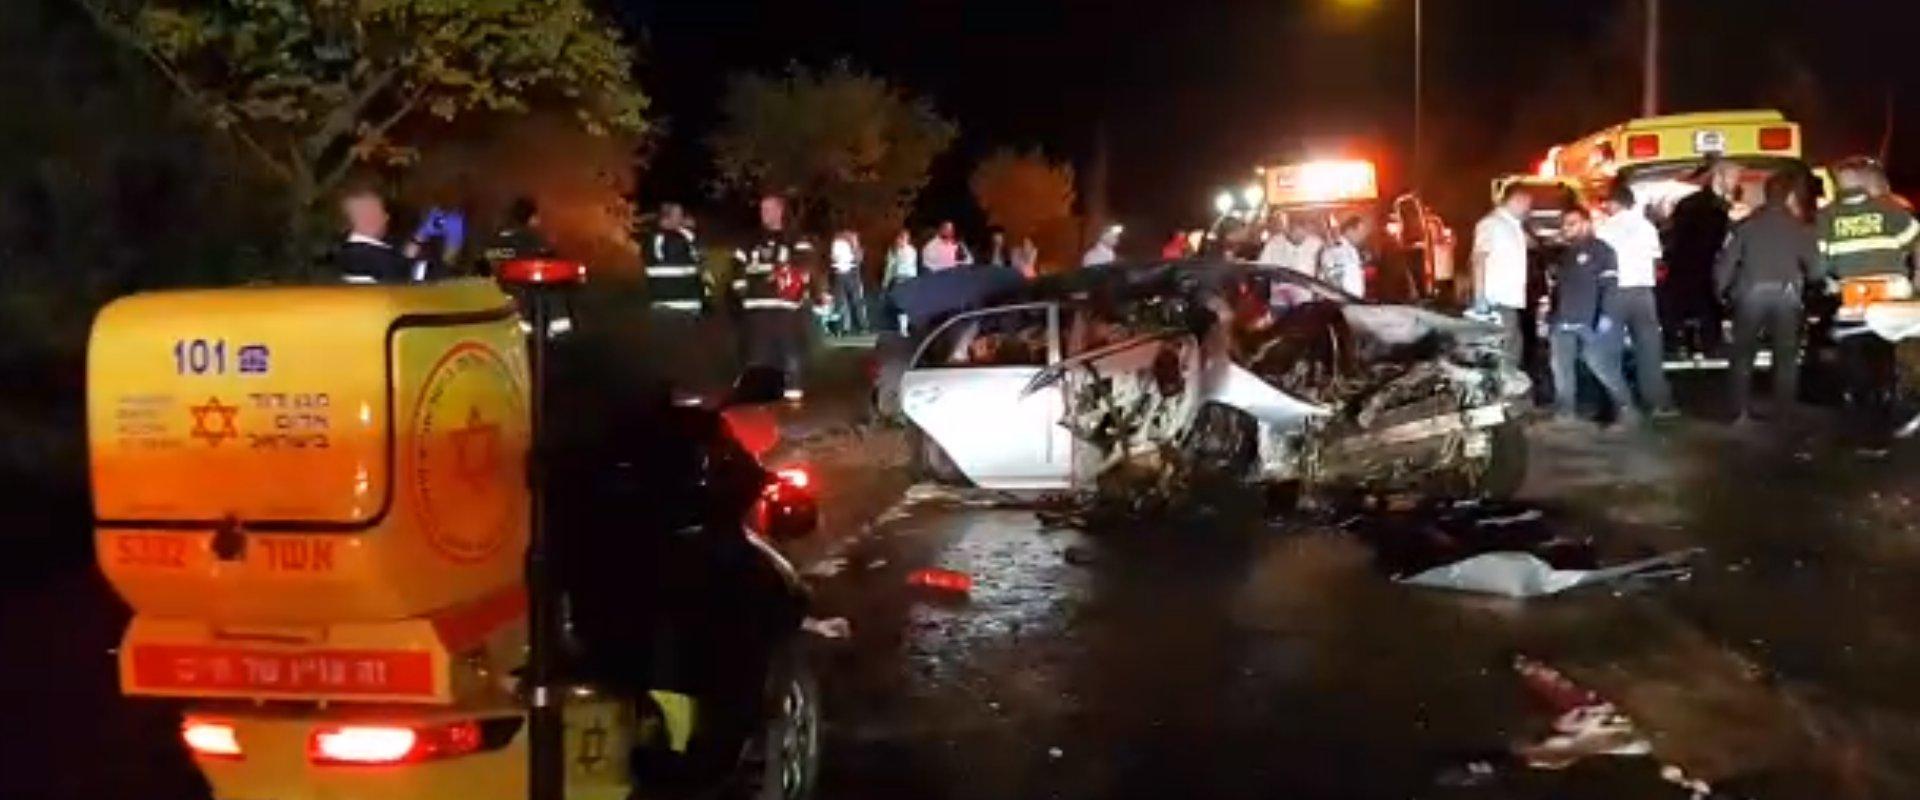 תאונת הדרכים בכרמיאל